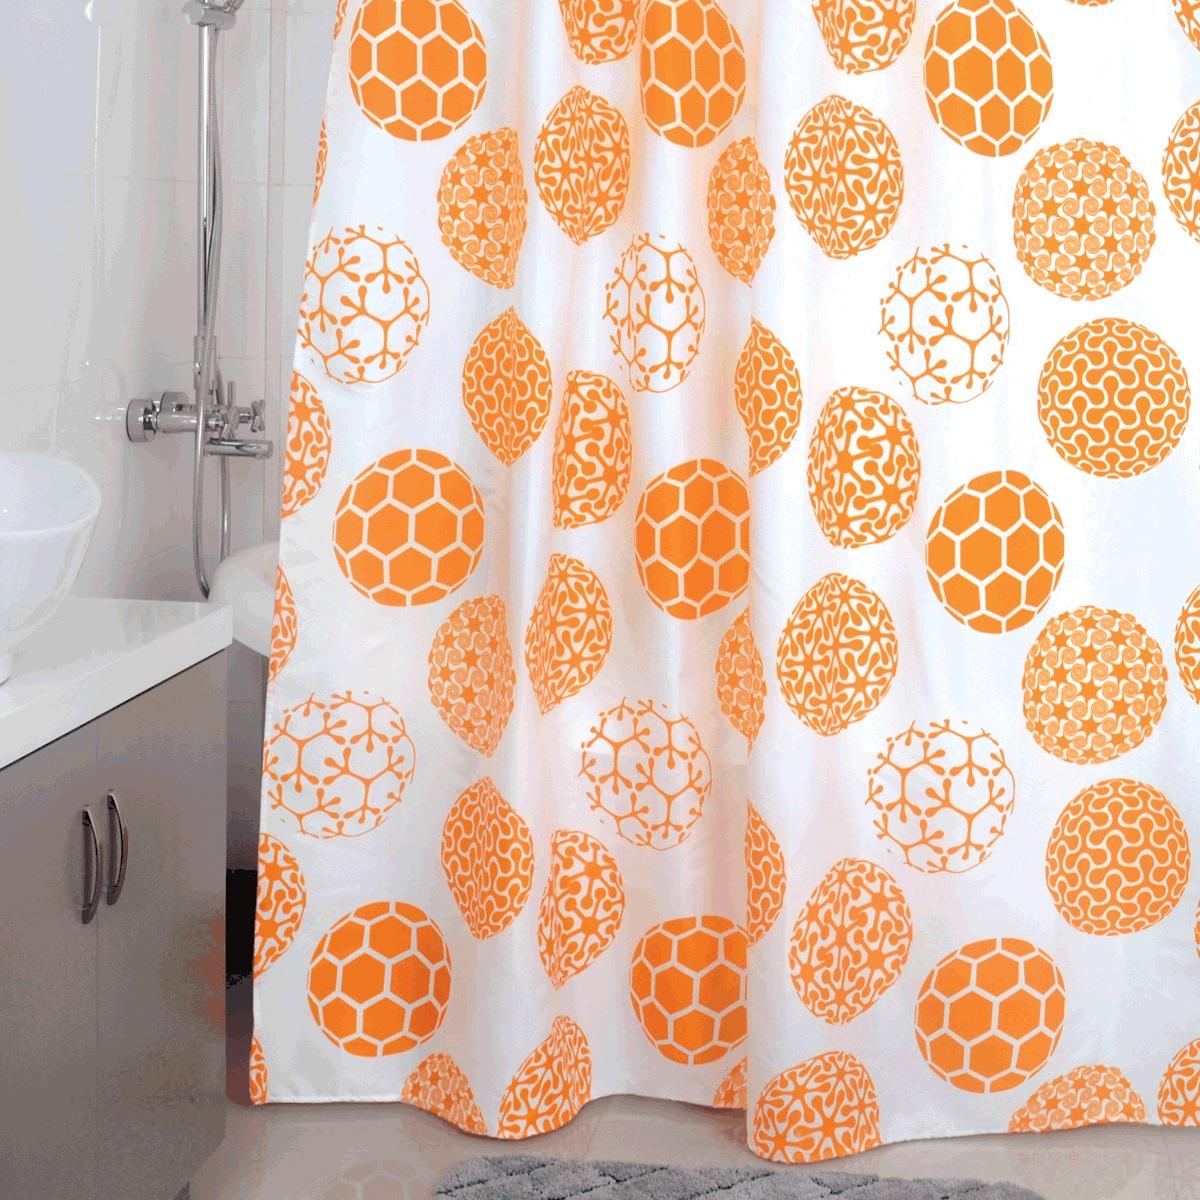 """Штора для ванной Milardo """"Orange Dots"""", изготовленная из полиэстера - водонепроницаемого, мягкого на ощупь и прочного материала, идеально защищает ванную комнату от брызг. В верхней кромке шторы предусмотрены пластиковые отверстия для колец, которые входят в комплект.Штора Milardo """"Orange Dots"""" порадует вас своим ярким дизайном и добавит уюта в ванную комнату. Плотность: 90 г/м.Количество колец: 12 шт."""